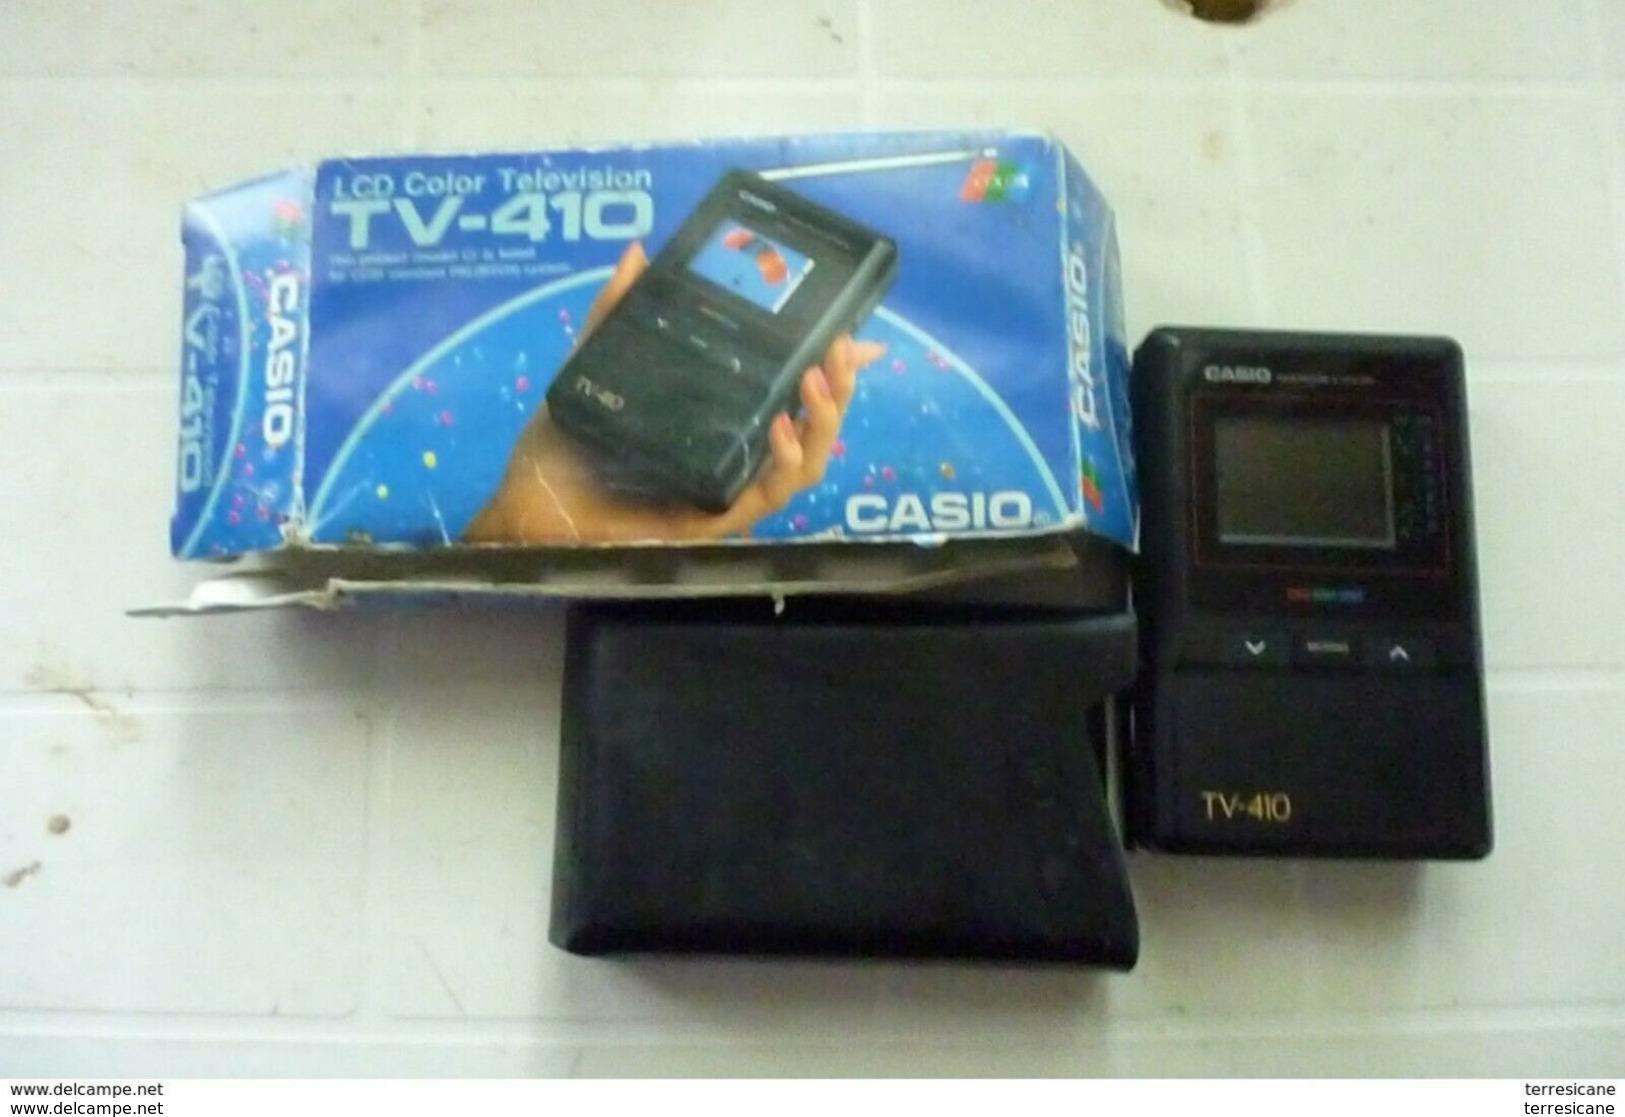 CASIO LCD COLOR TELEVISION TV 410 PAL ANALOGIC FUNZIONANTE Utenti Esperti - Televisione